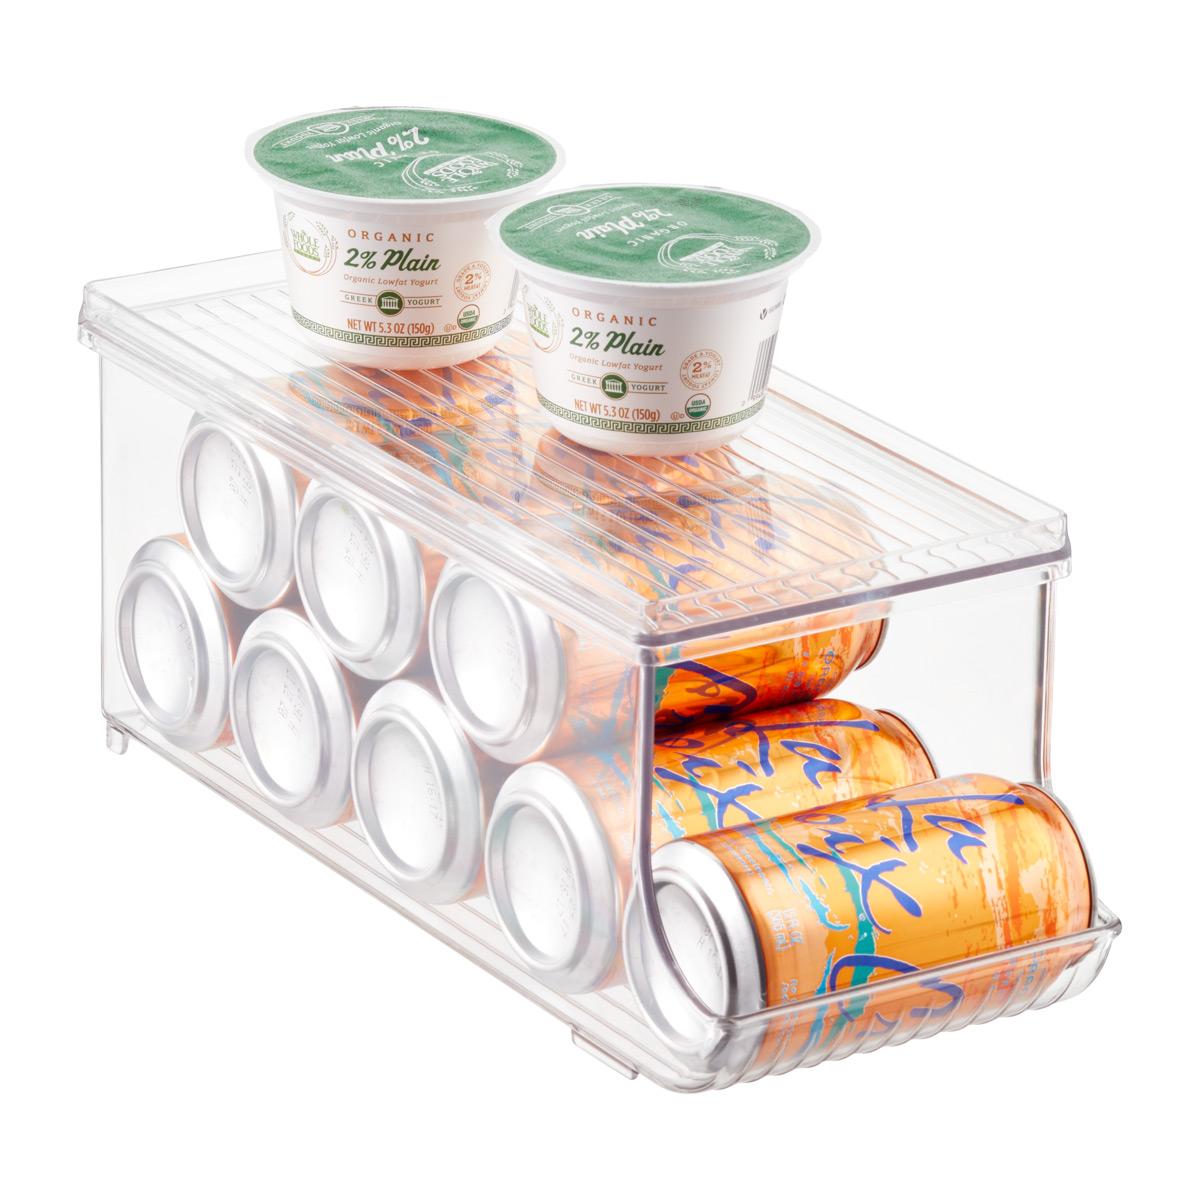 Linus Fridge Binz Soda Can Organizer With Shelf ...